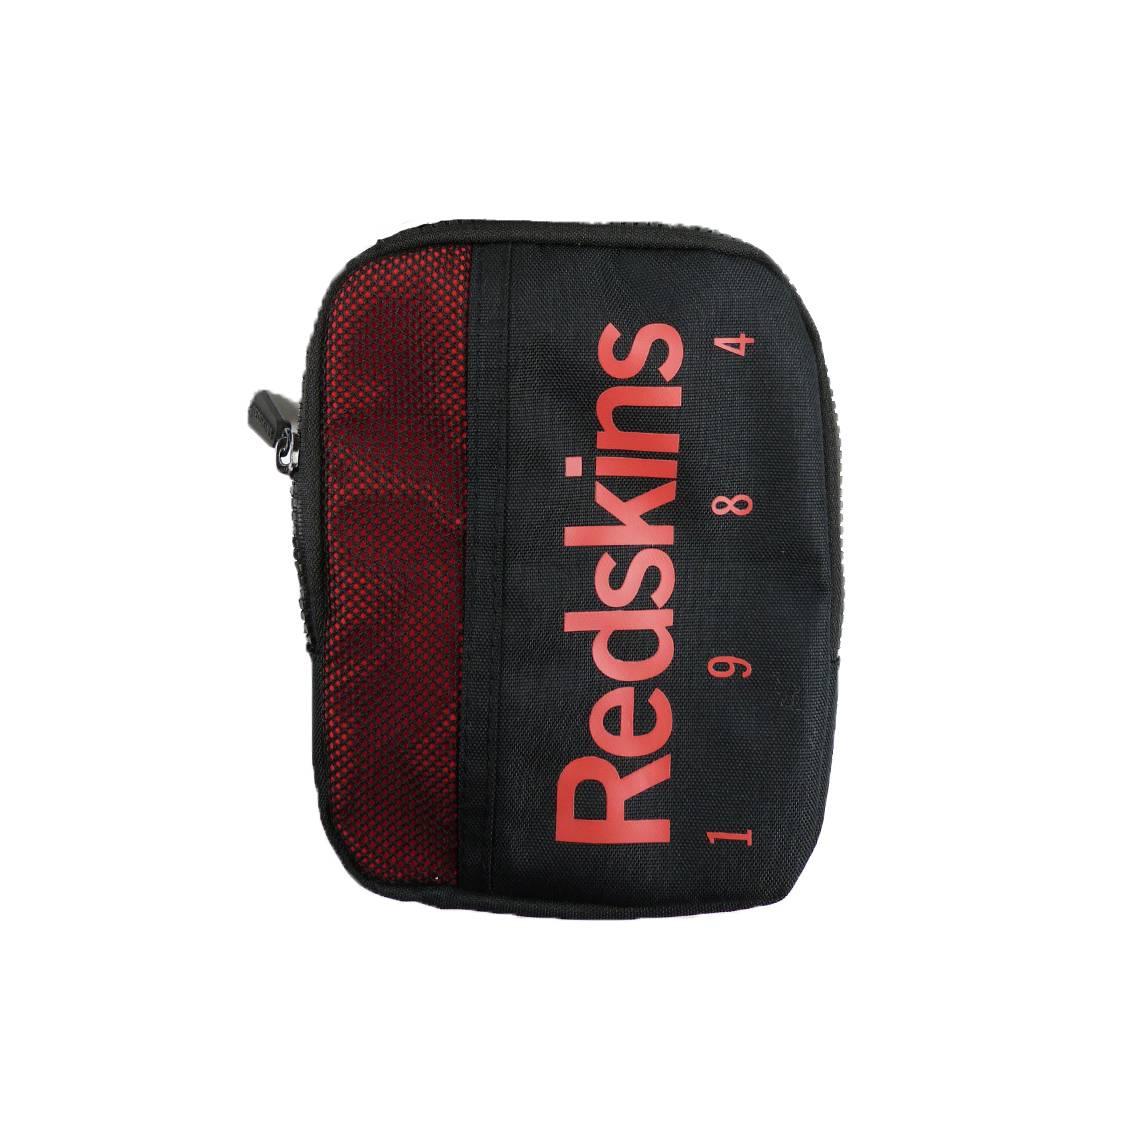 Sacoche plate redskins harmonie noire à détails rouges